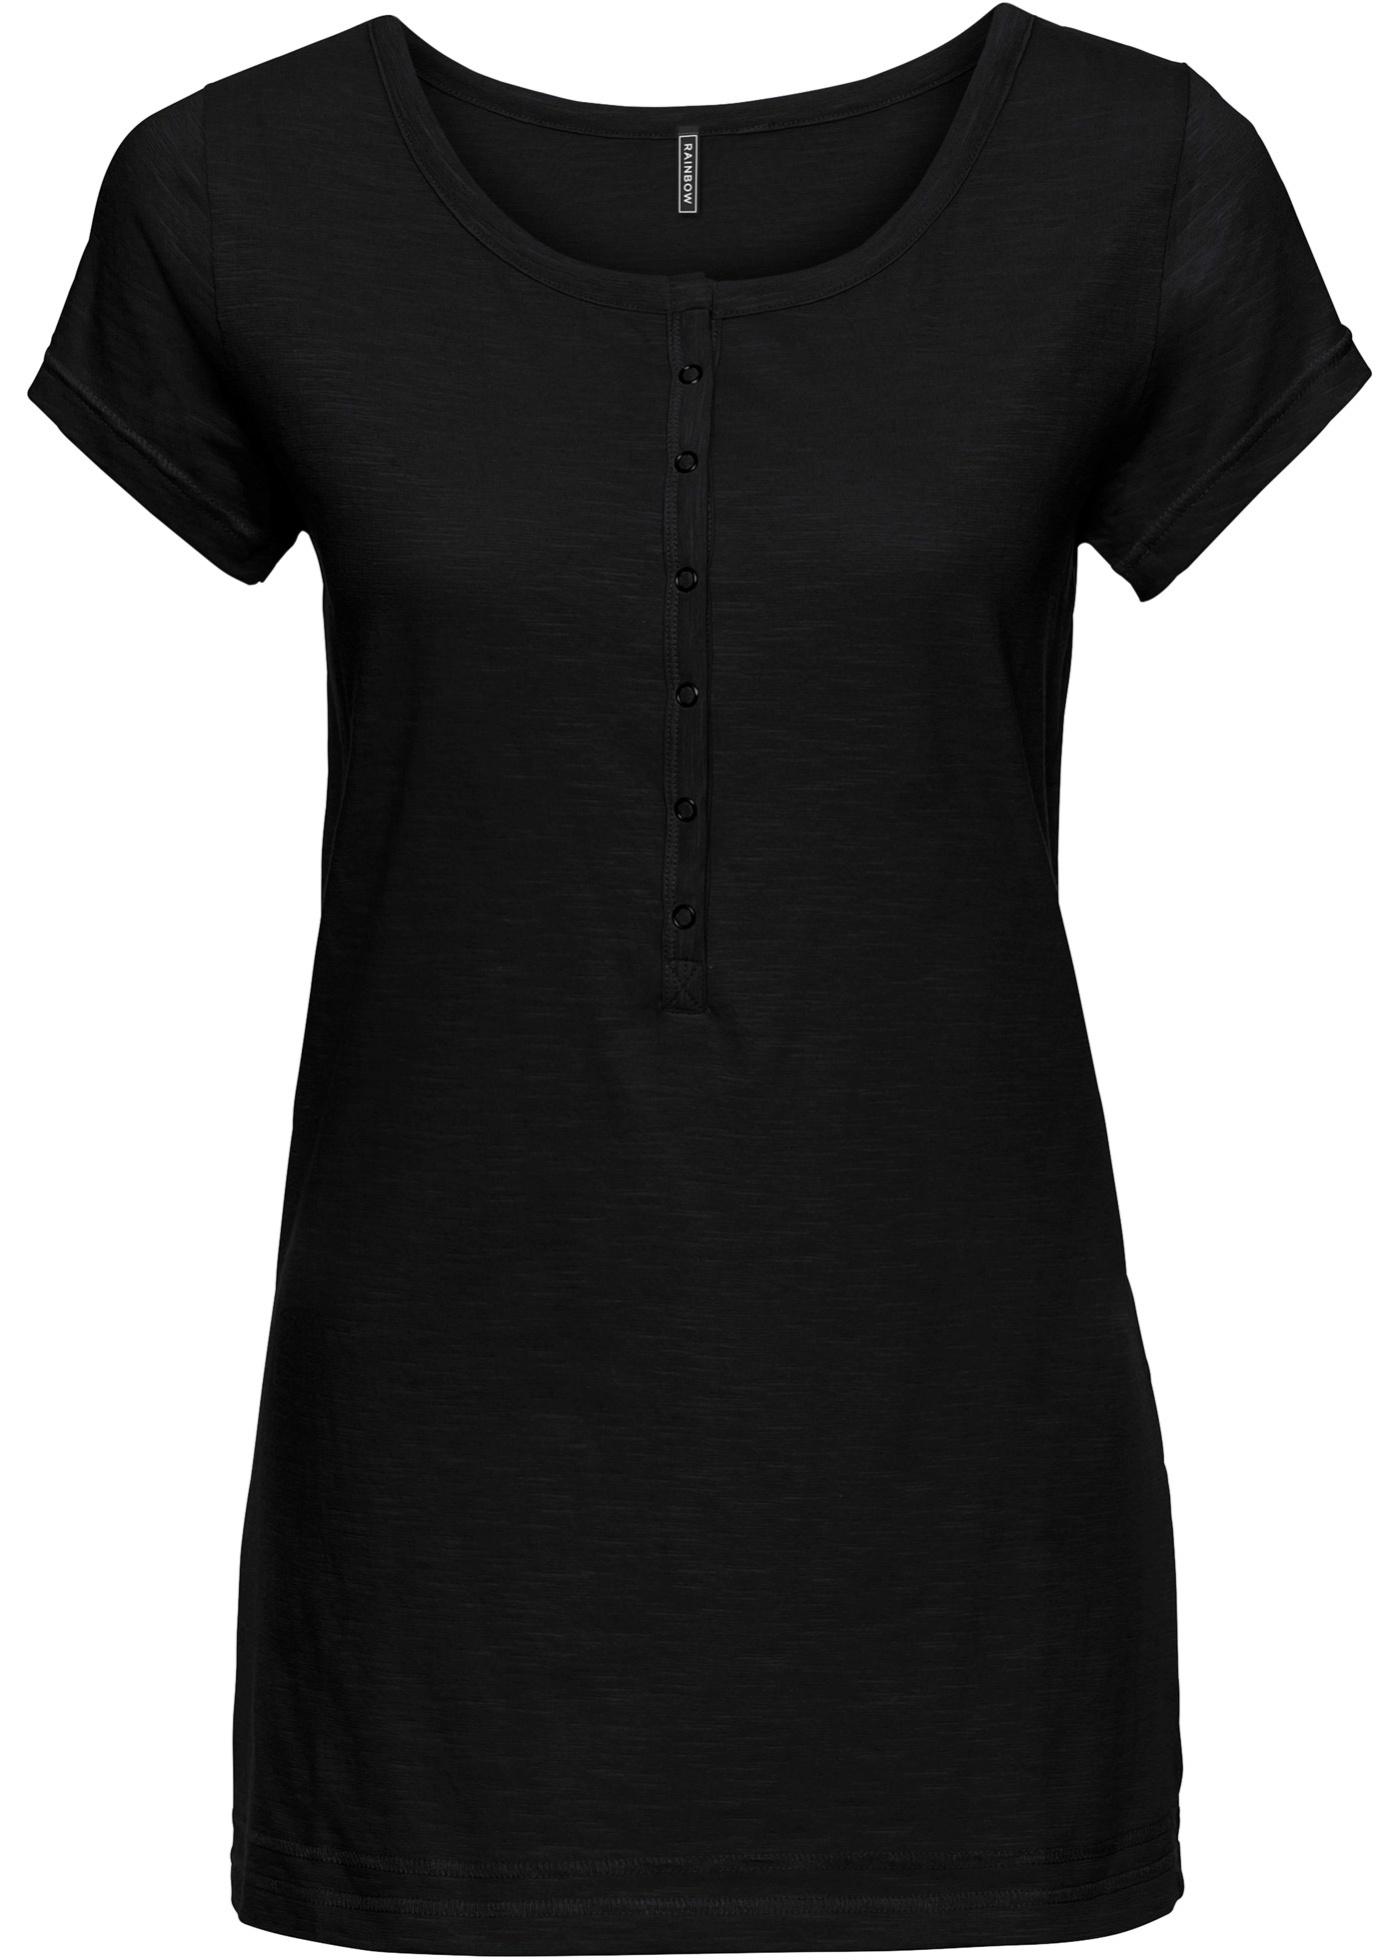 T-shirt avec patte de boutonnage